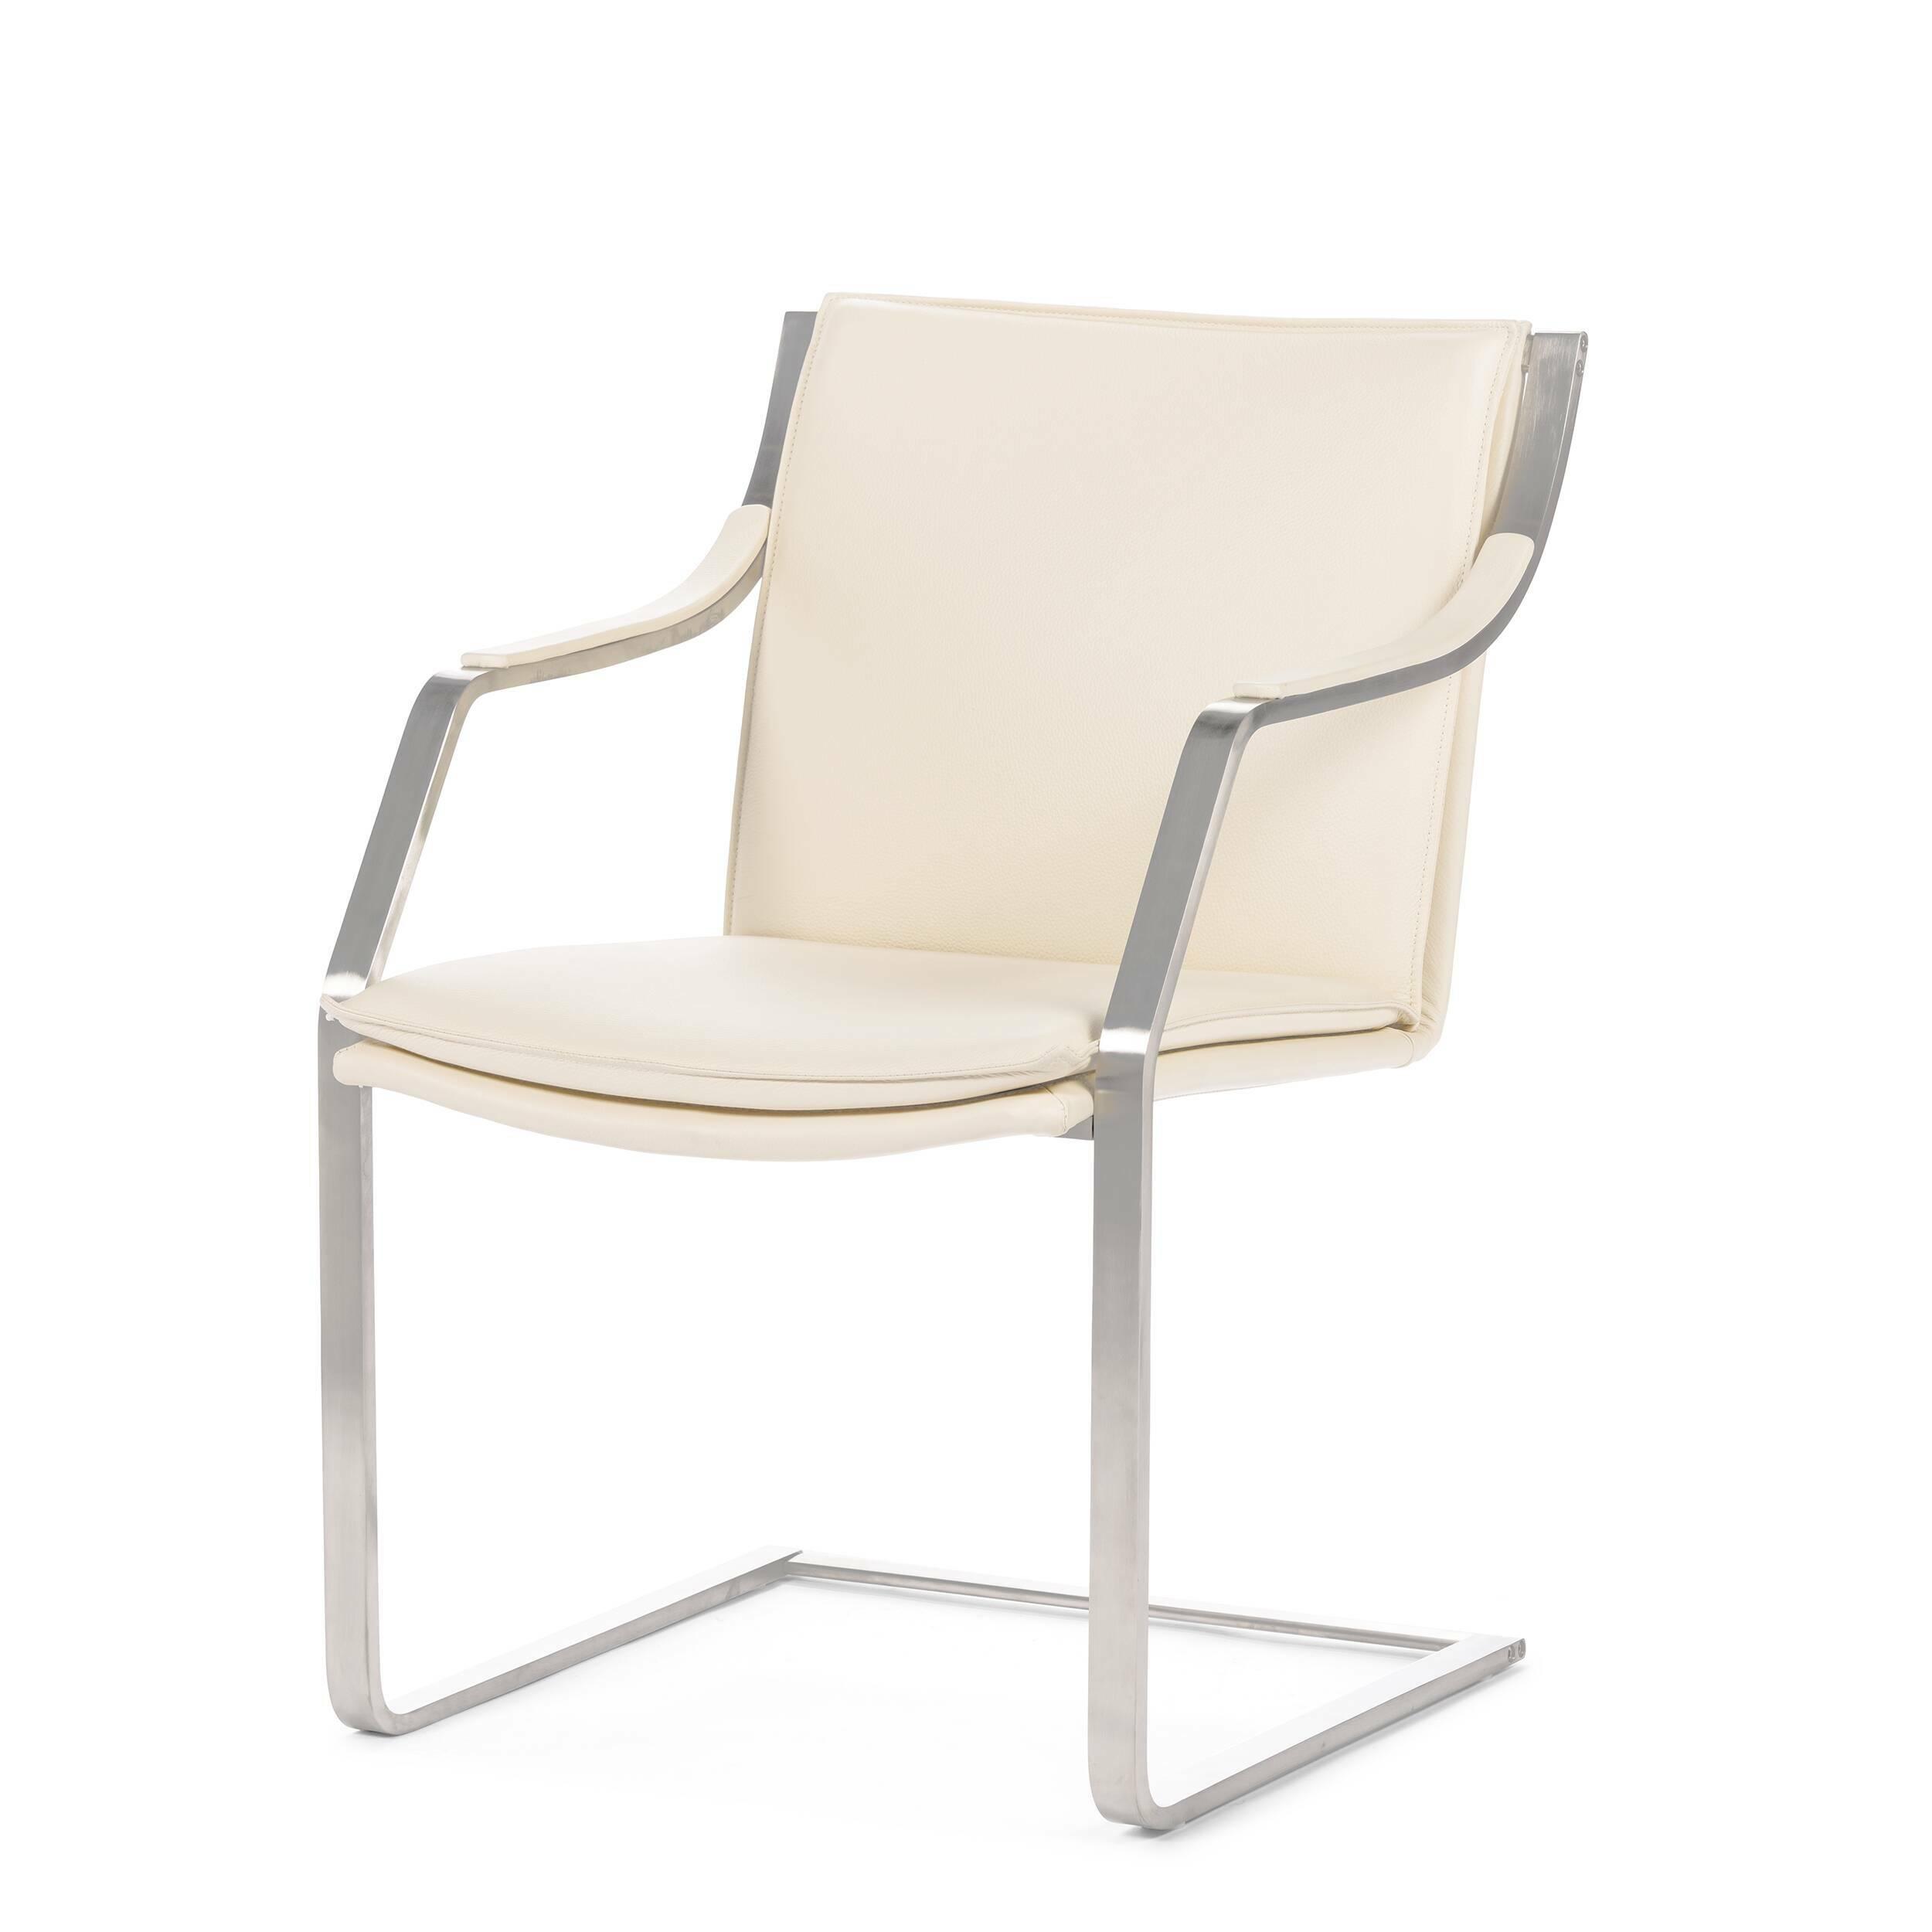 Кресло AstorОфисные<br>Простой профиль, ясные линии и тщательное внимание к деталям сделали кресло Astor иконой мебели XX века.<br><br><br> Современности изделию придают ножки стула. Здесь они приняли непривычную форму: вместо четырех ножек появилась хромированная рама, которая не менее надежна, чем традиционная конструкция. Нежный тон обивки подойдет современному интерьеру не только дома, но и офиса. Гостиницы, отели, офисы — вот небольшой список мест, где кресла Astor не только пригодятся, но и украсят собой интер...<br><br>stock: 0<br>Высота: 84<br>Высота сиденья: 45<br>Ширина: 55,5<br>Глубина: 66<br>Тип материала каркаса: Сталь нержавеющя<br>Коллекция ткани: Deluxe<br>Тип материала обивки: Кожа<br>Цвет обивки: Кремовый<br>Цвет каркаса: Хром